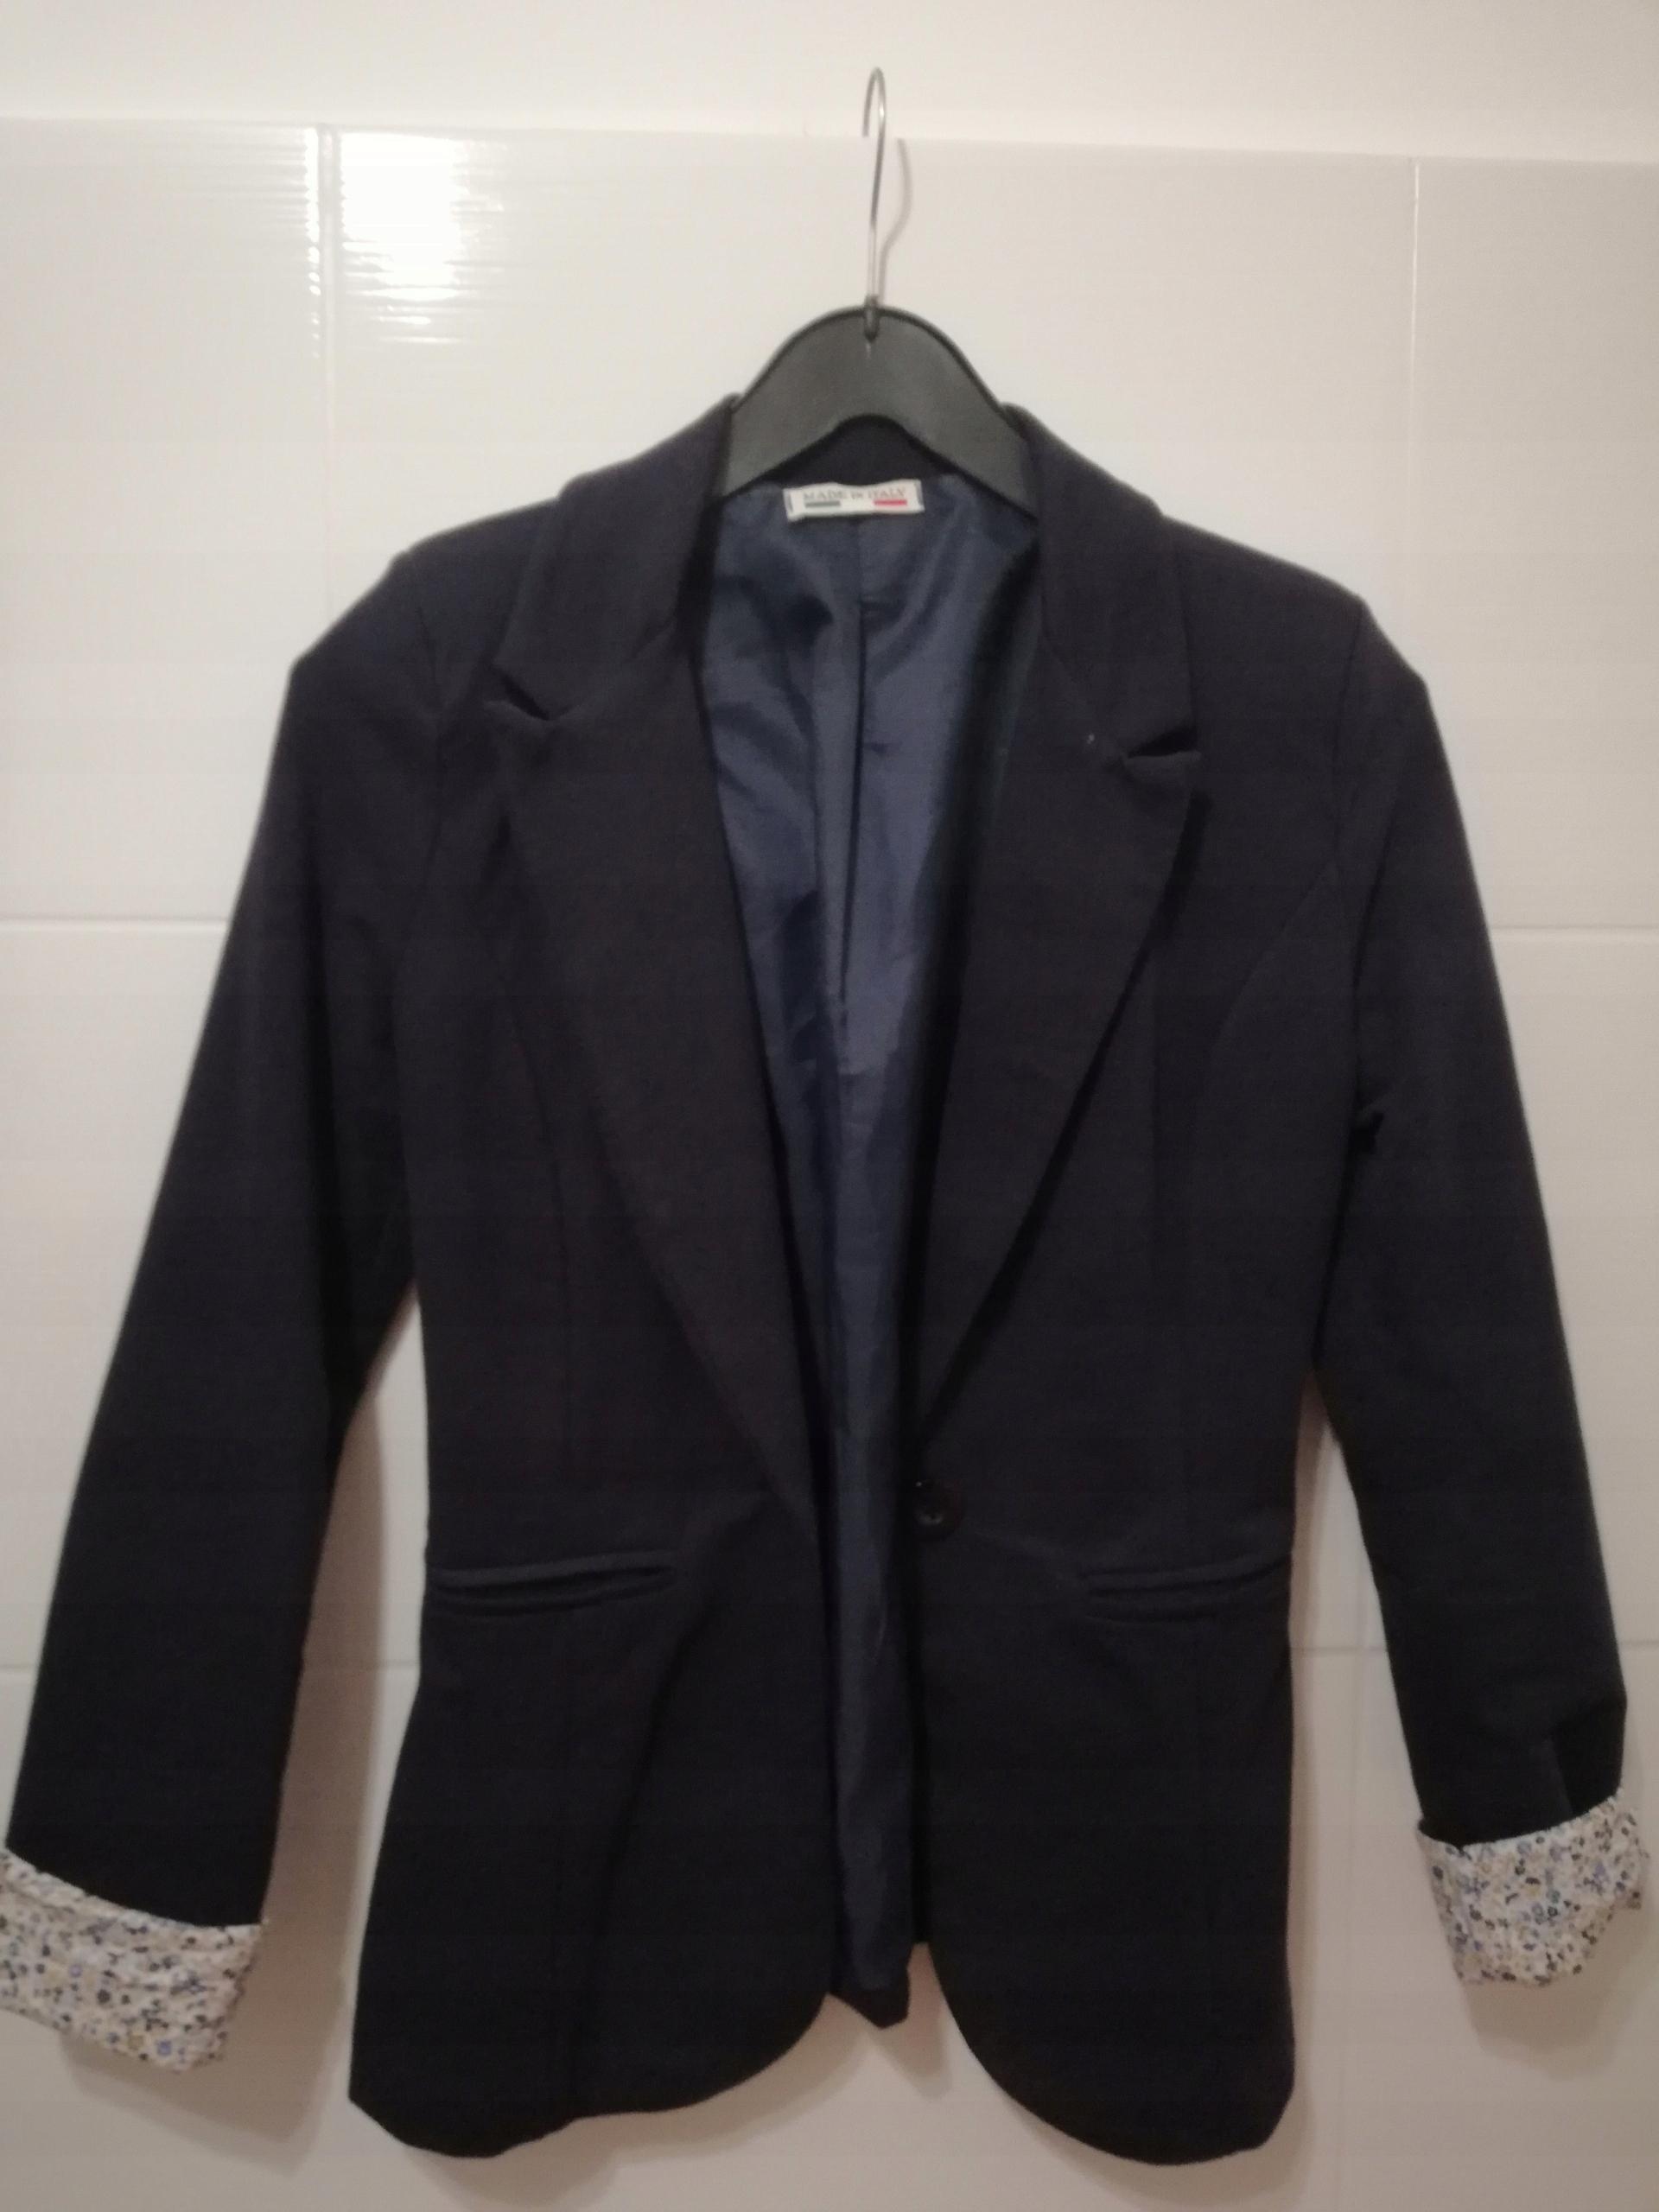 2ec175b5cd żakiet S XS marynarka kardigan narzutka sweter - 7558661819 ...